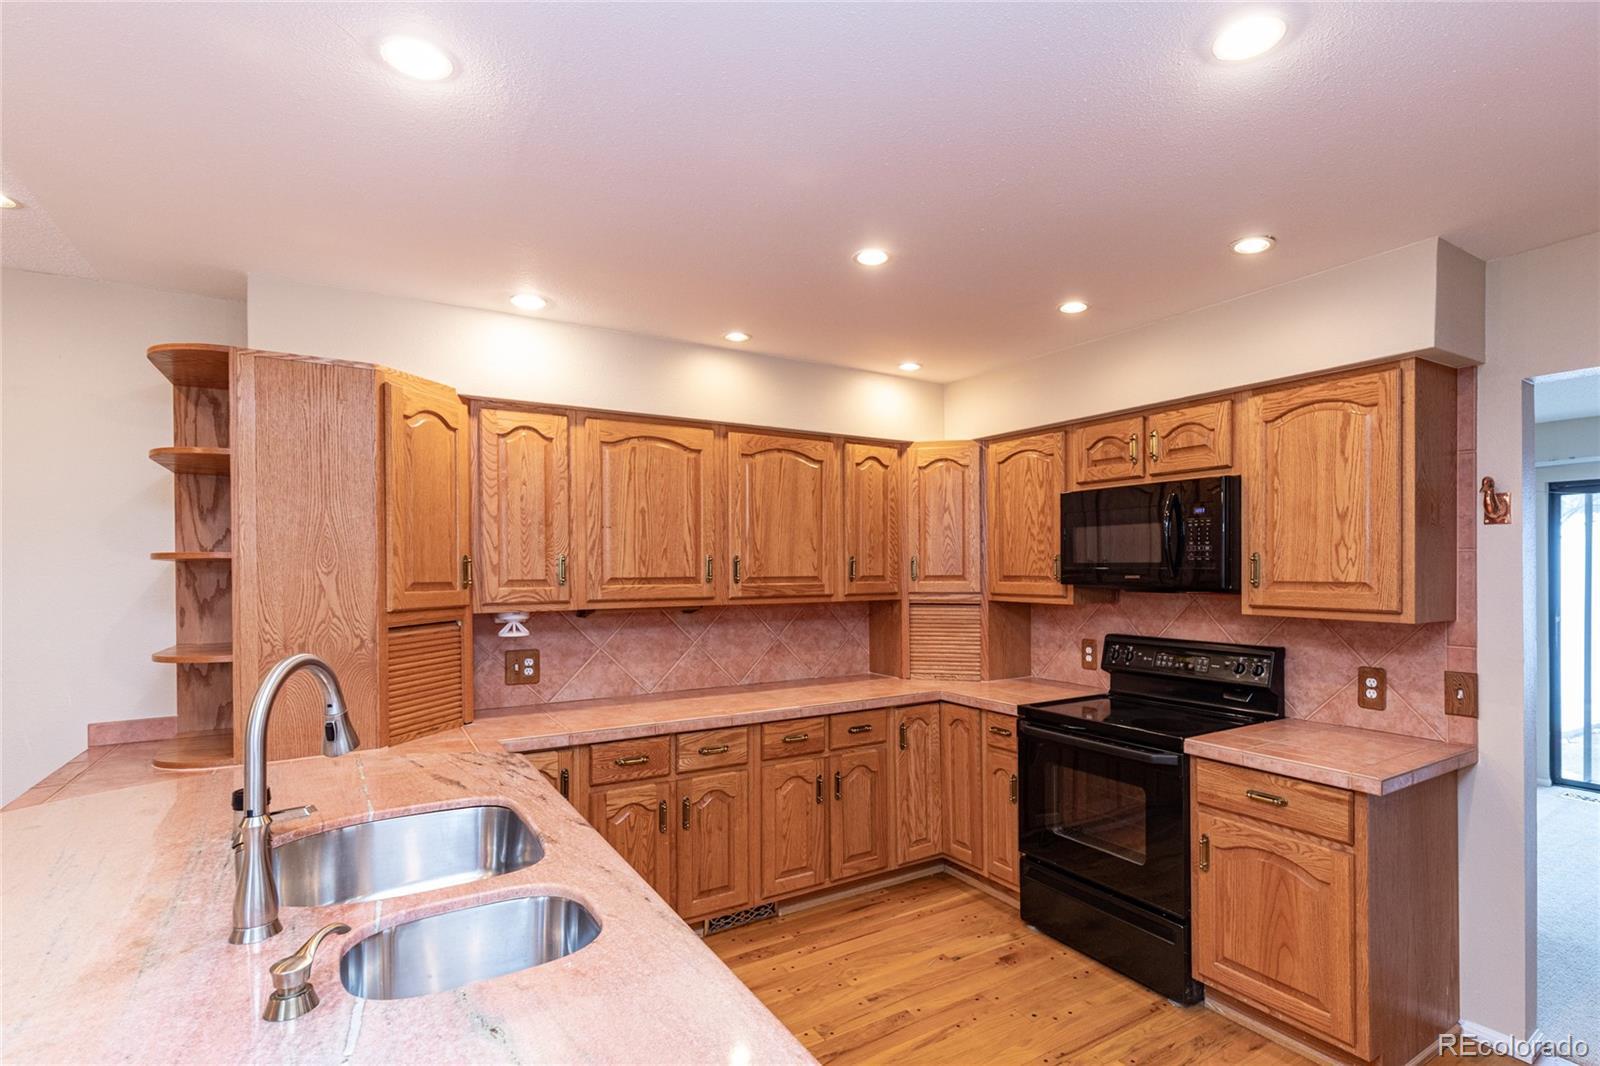 MLS# 8955616 - 4 - 6000 W Mansfield Avenue #15, Denver, CO 80235